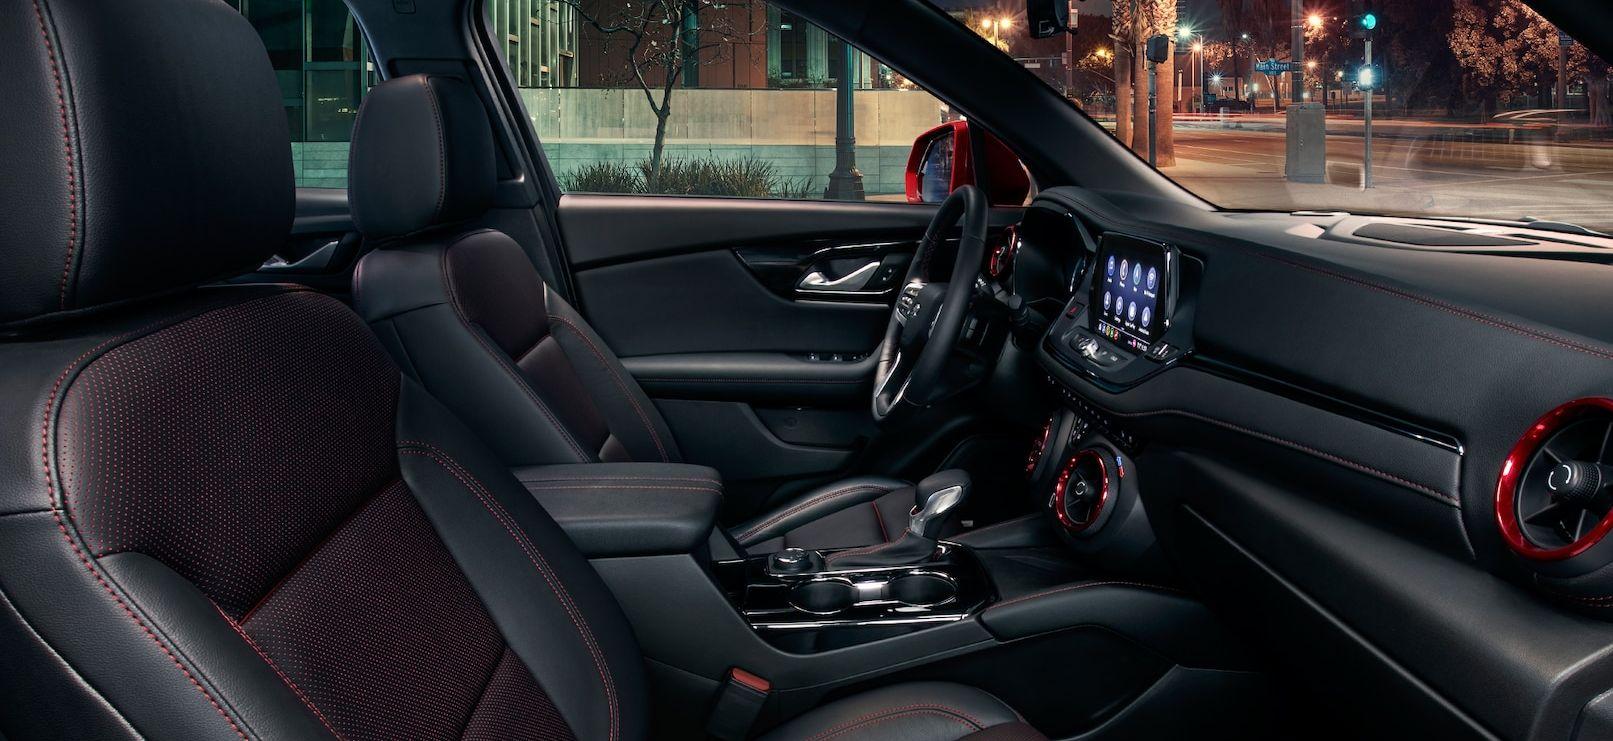 2019 Chevrolet Blazer Cockpit